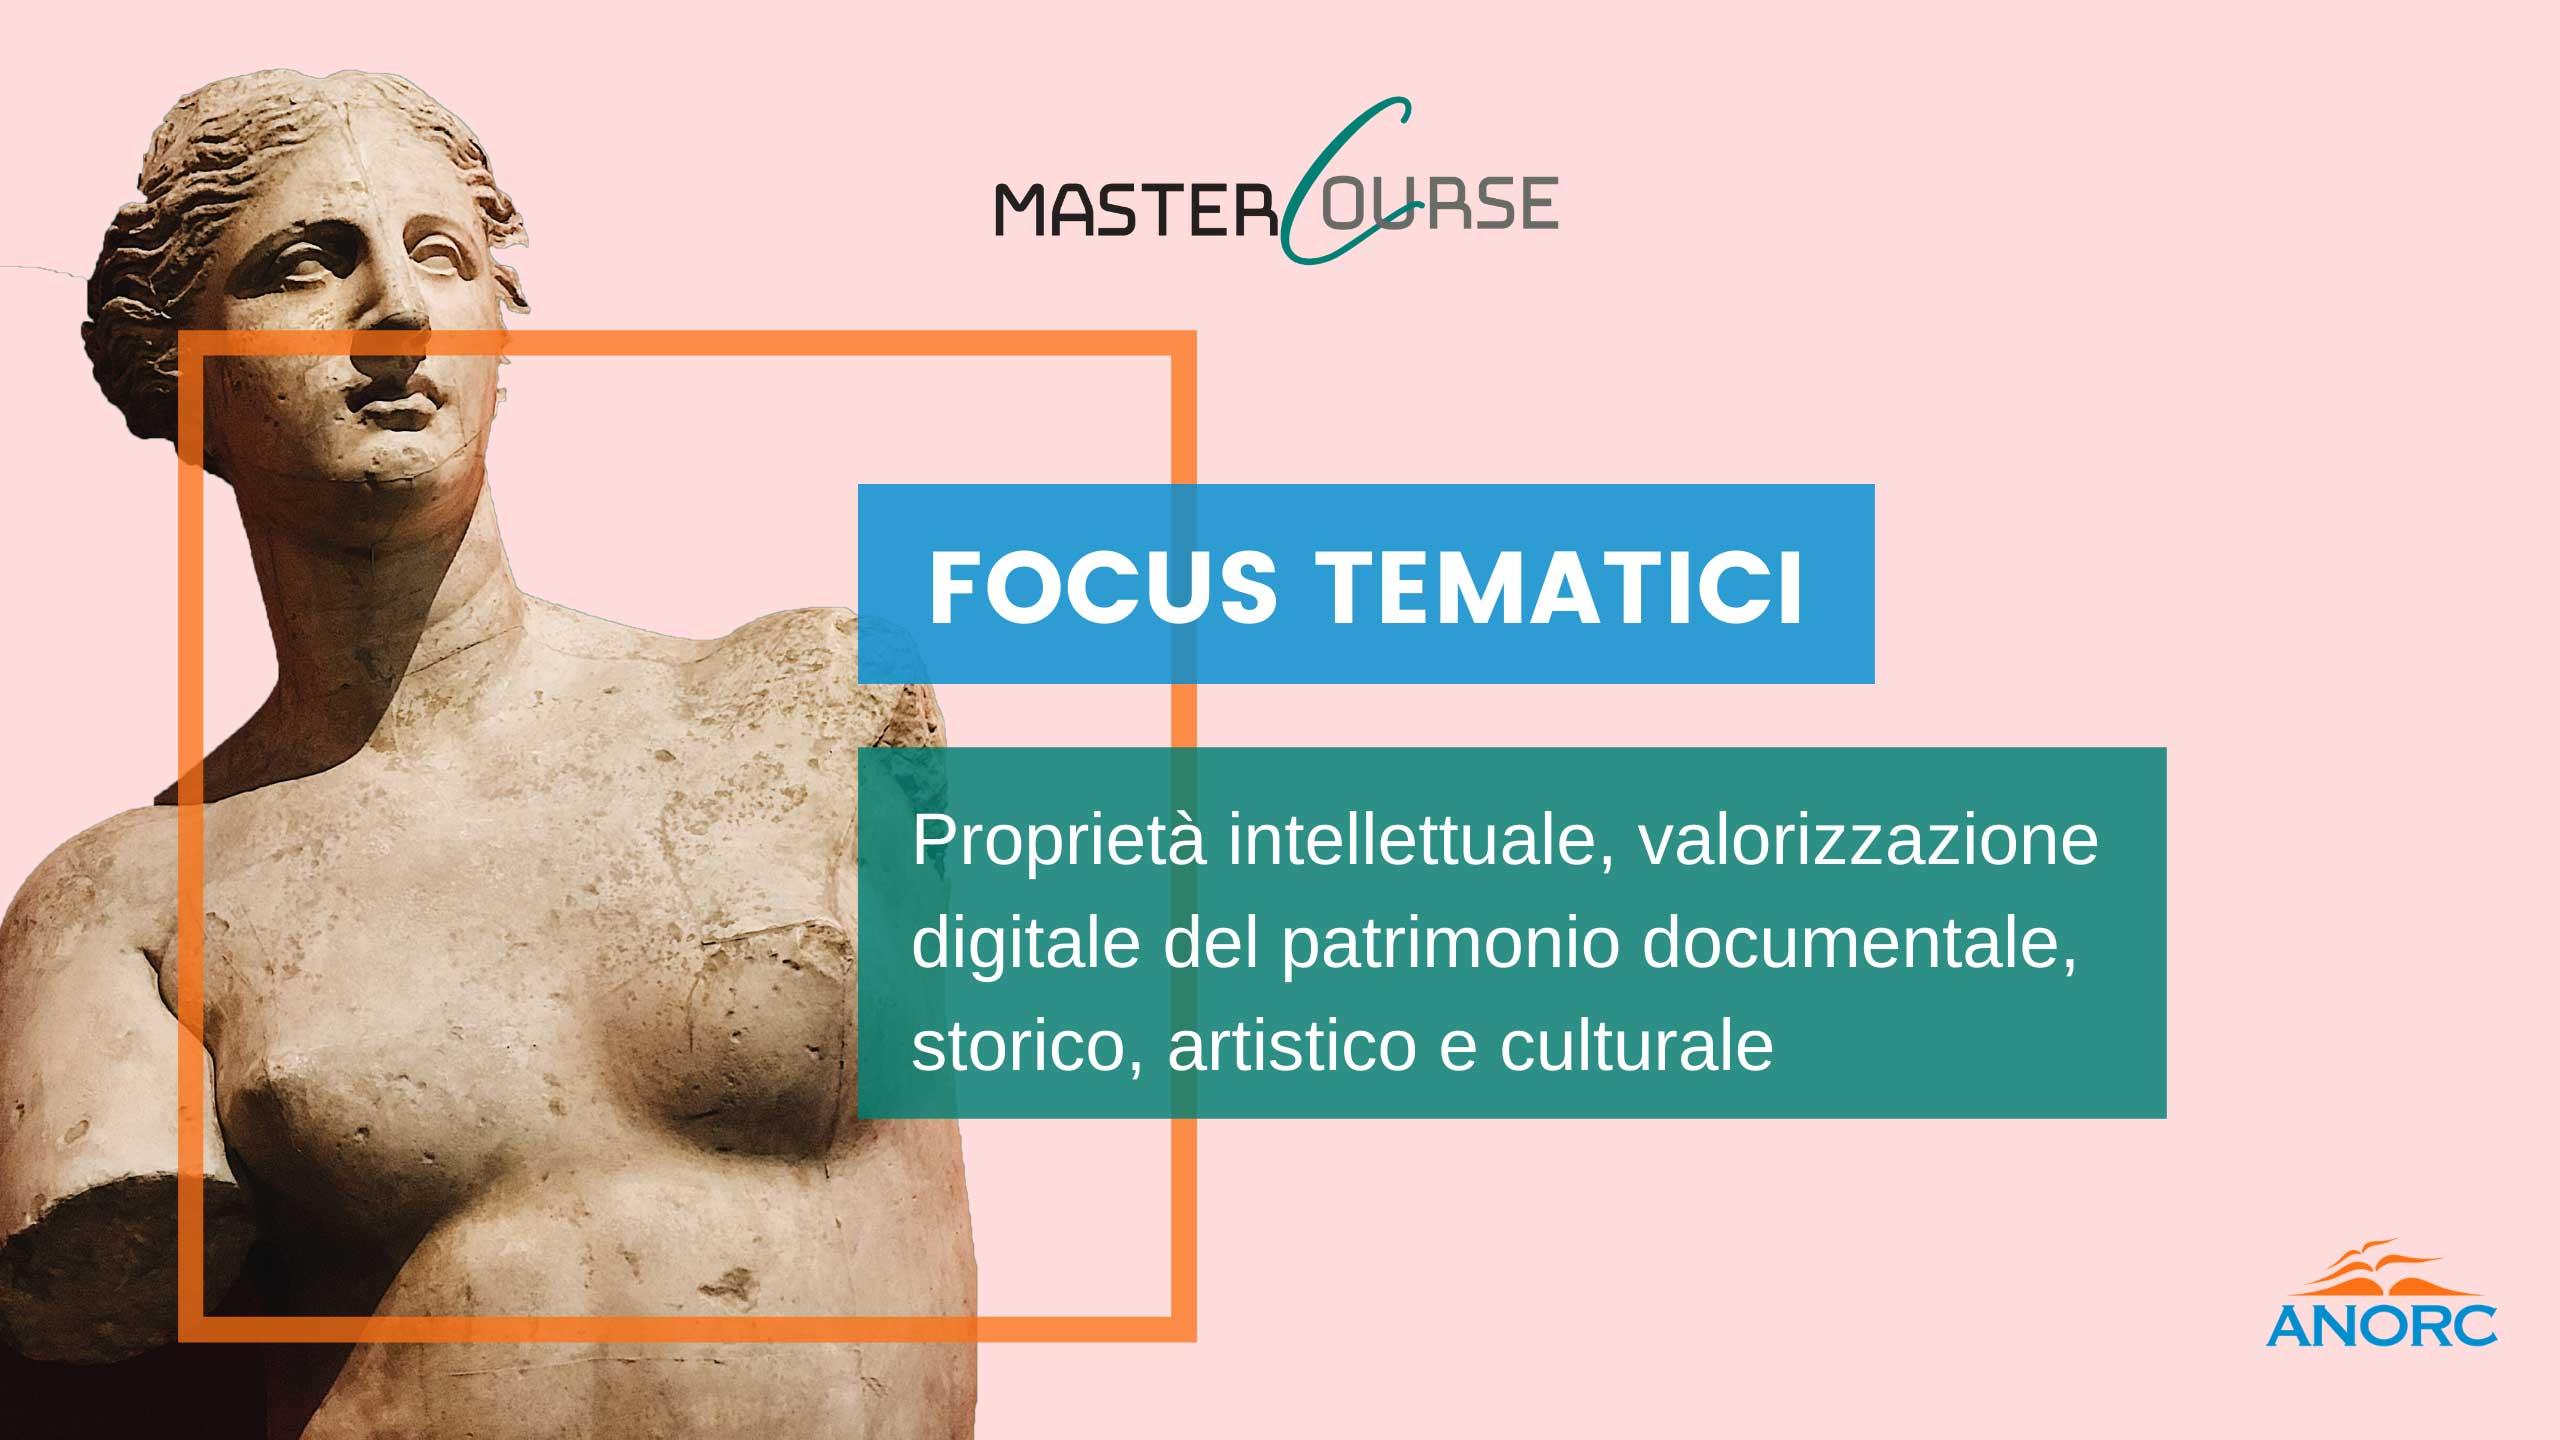 13^ giornata  6 luglio 2021 - Proprietà intellettuale, valorizzazione digitale del patrimonio documentale, storico, artistico e culturale